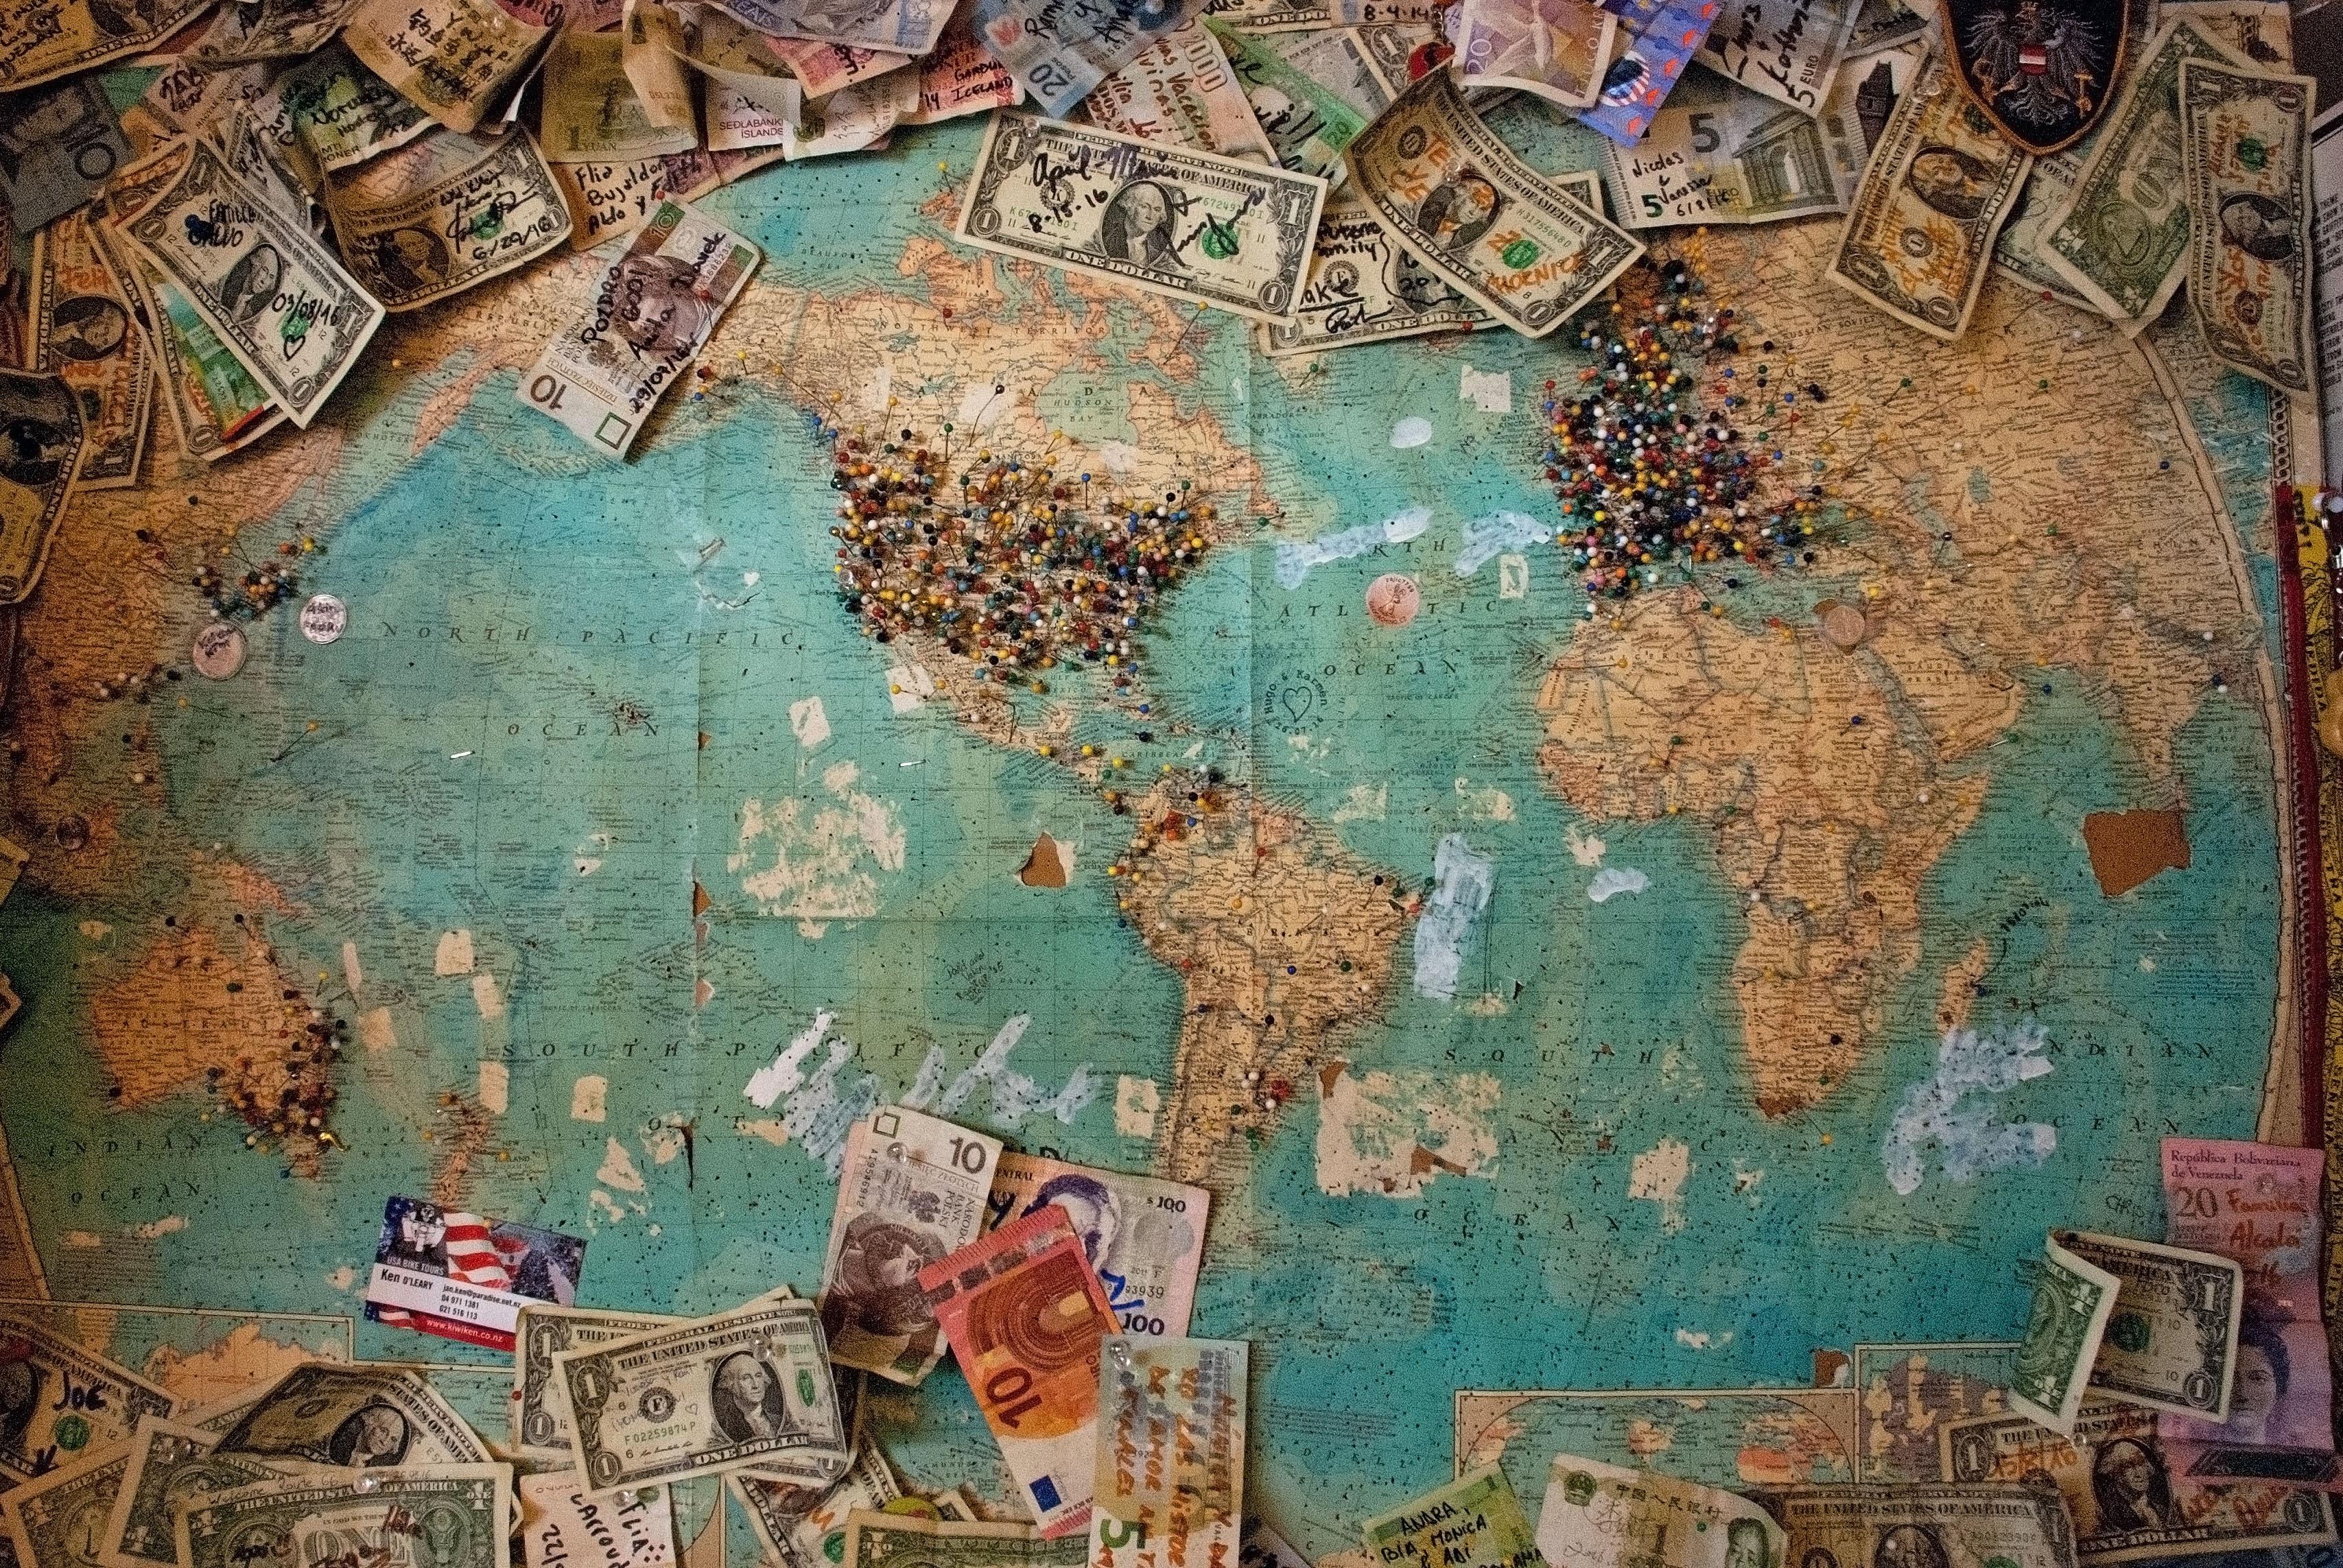 Rescates del FMI: ¿caminos hacia la estabilidad o recetas para el desastre?